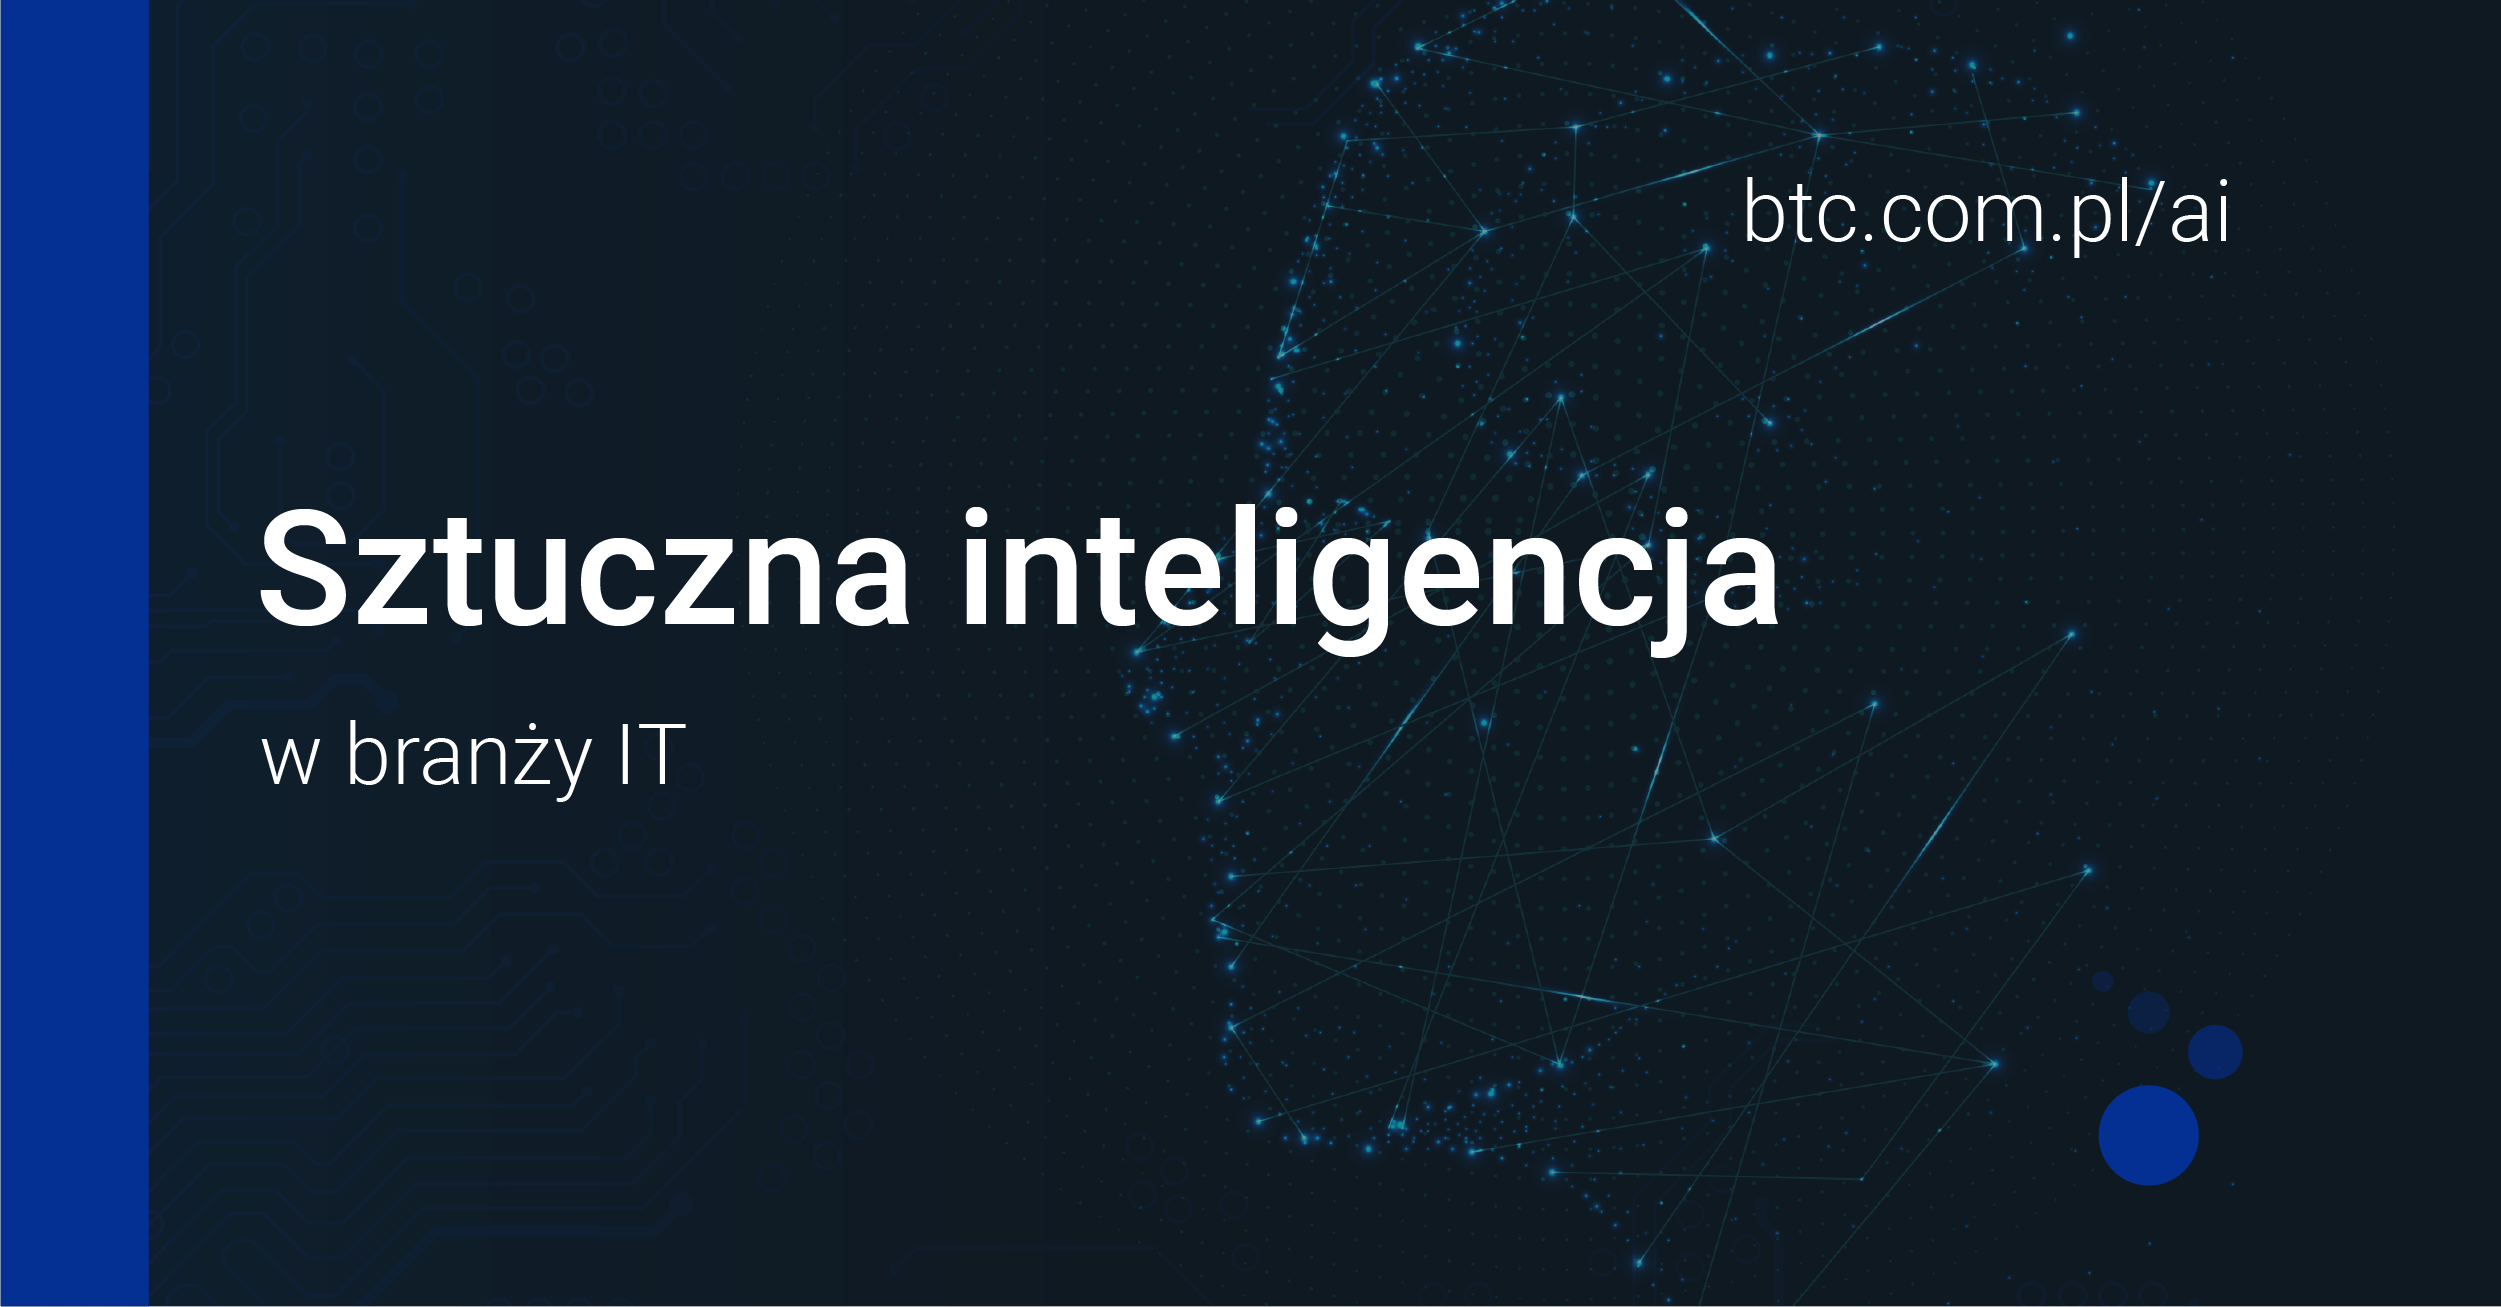 BTC AI Sztuczna inteligencja w IT